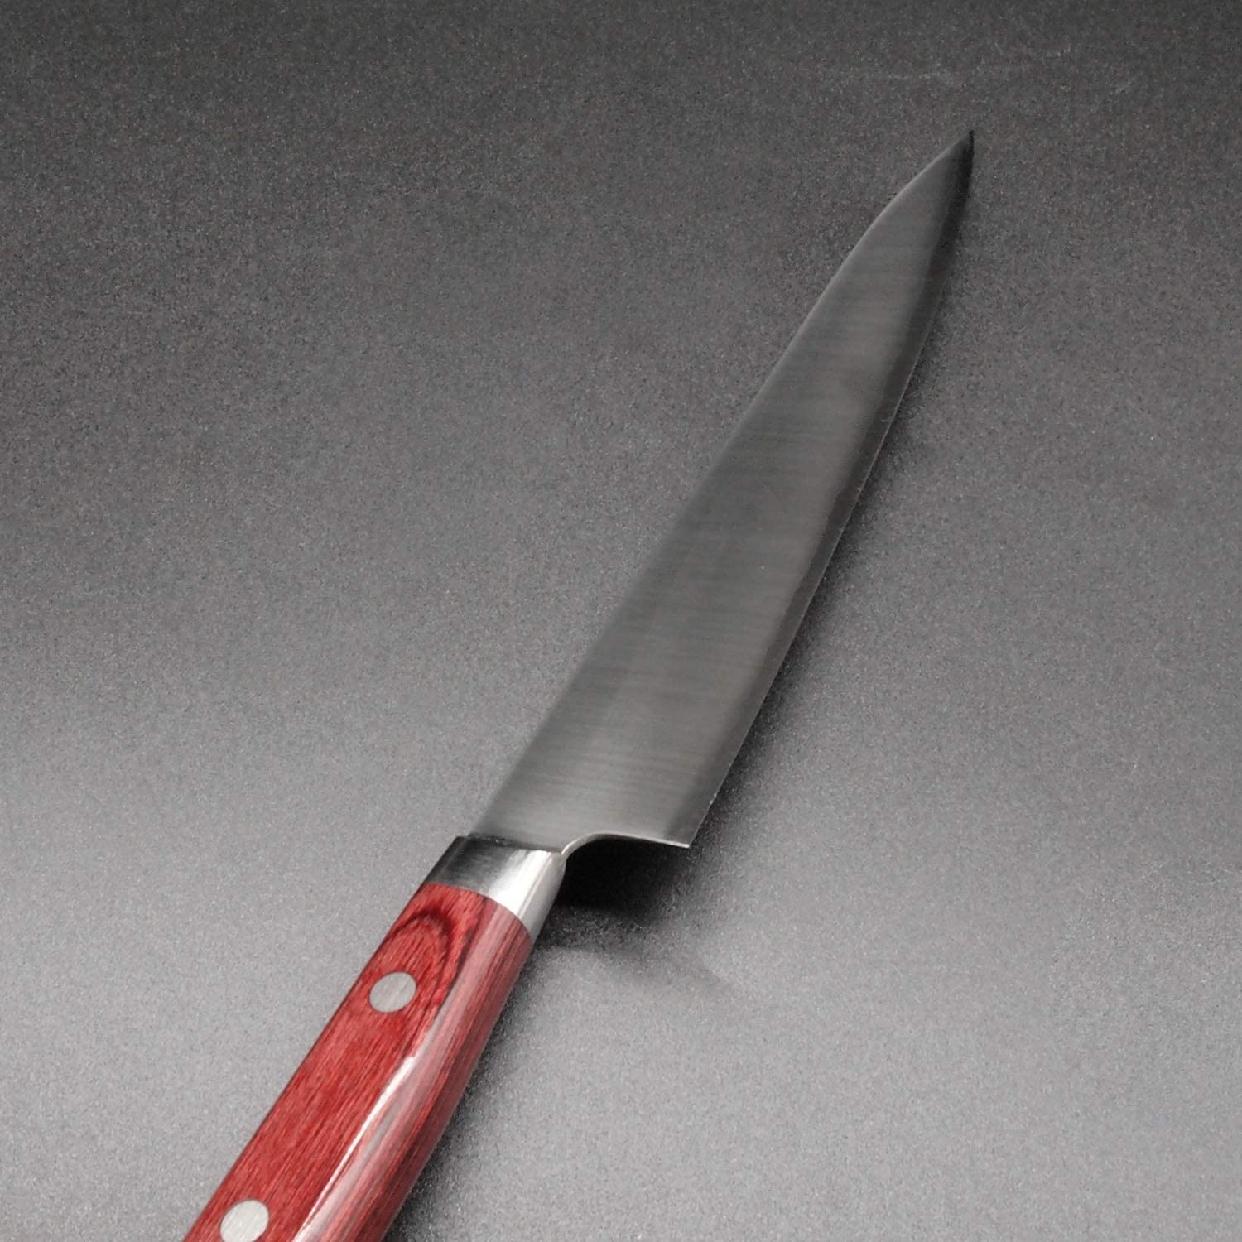 高村刃物製作所(タカムラハモノセイサクショ) ステンレス粉末ハイス鋼 ペティナイフ 150mmの商品画像8